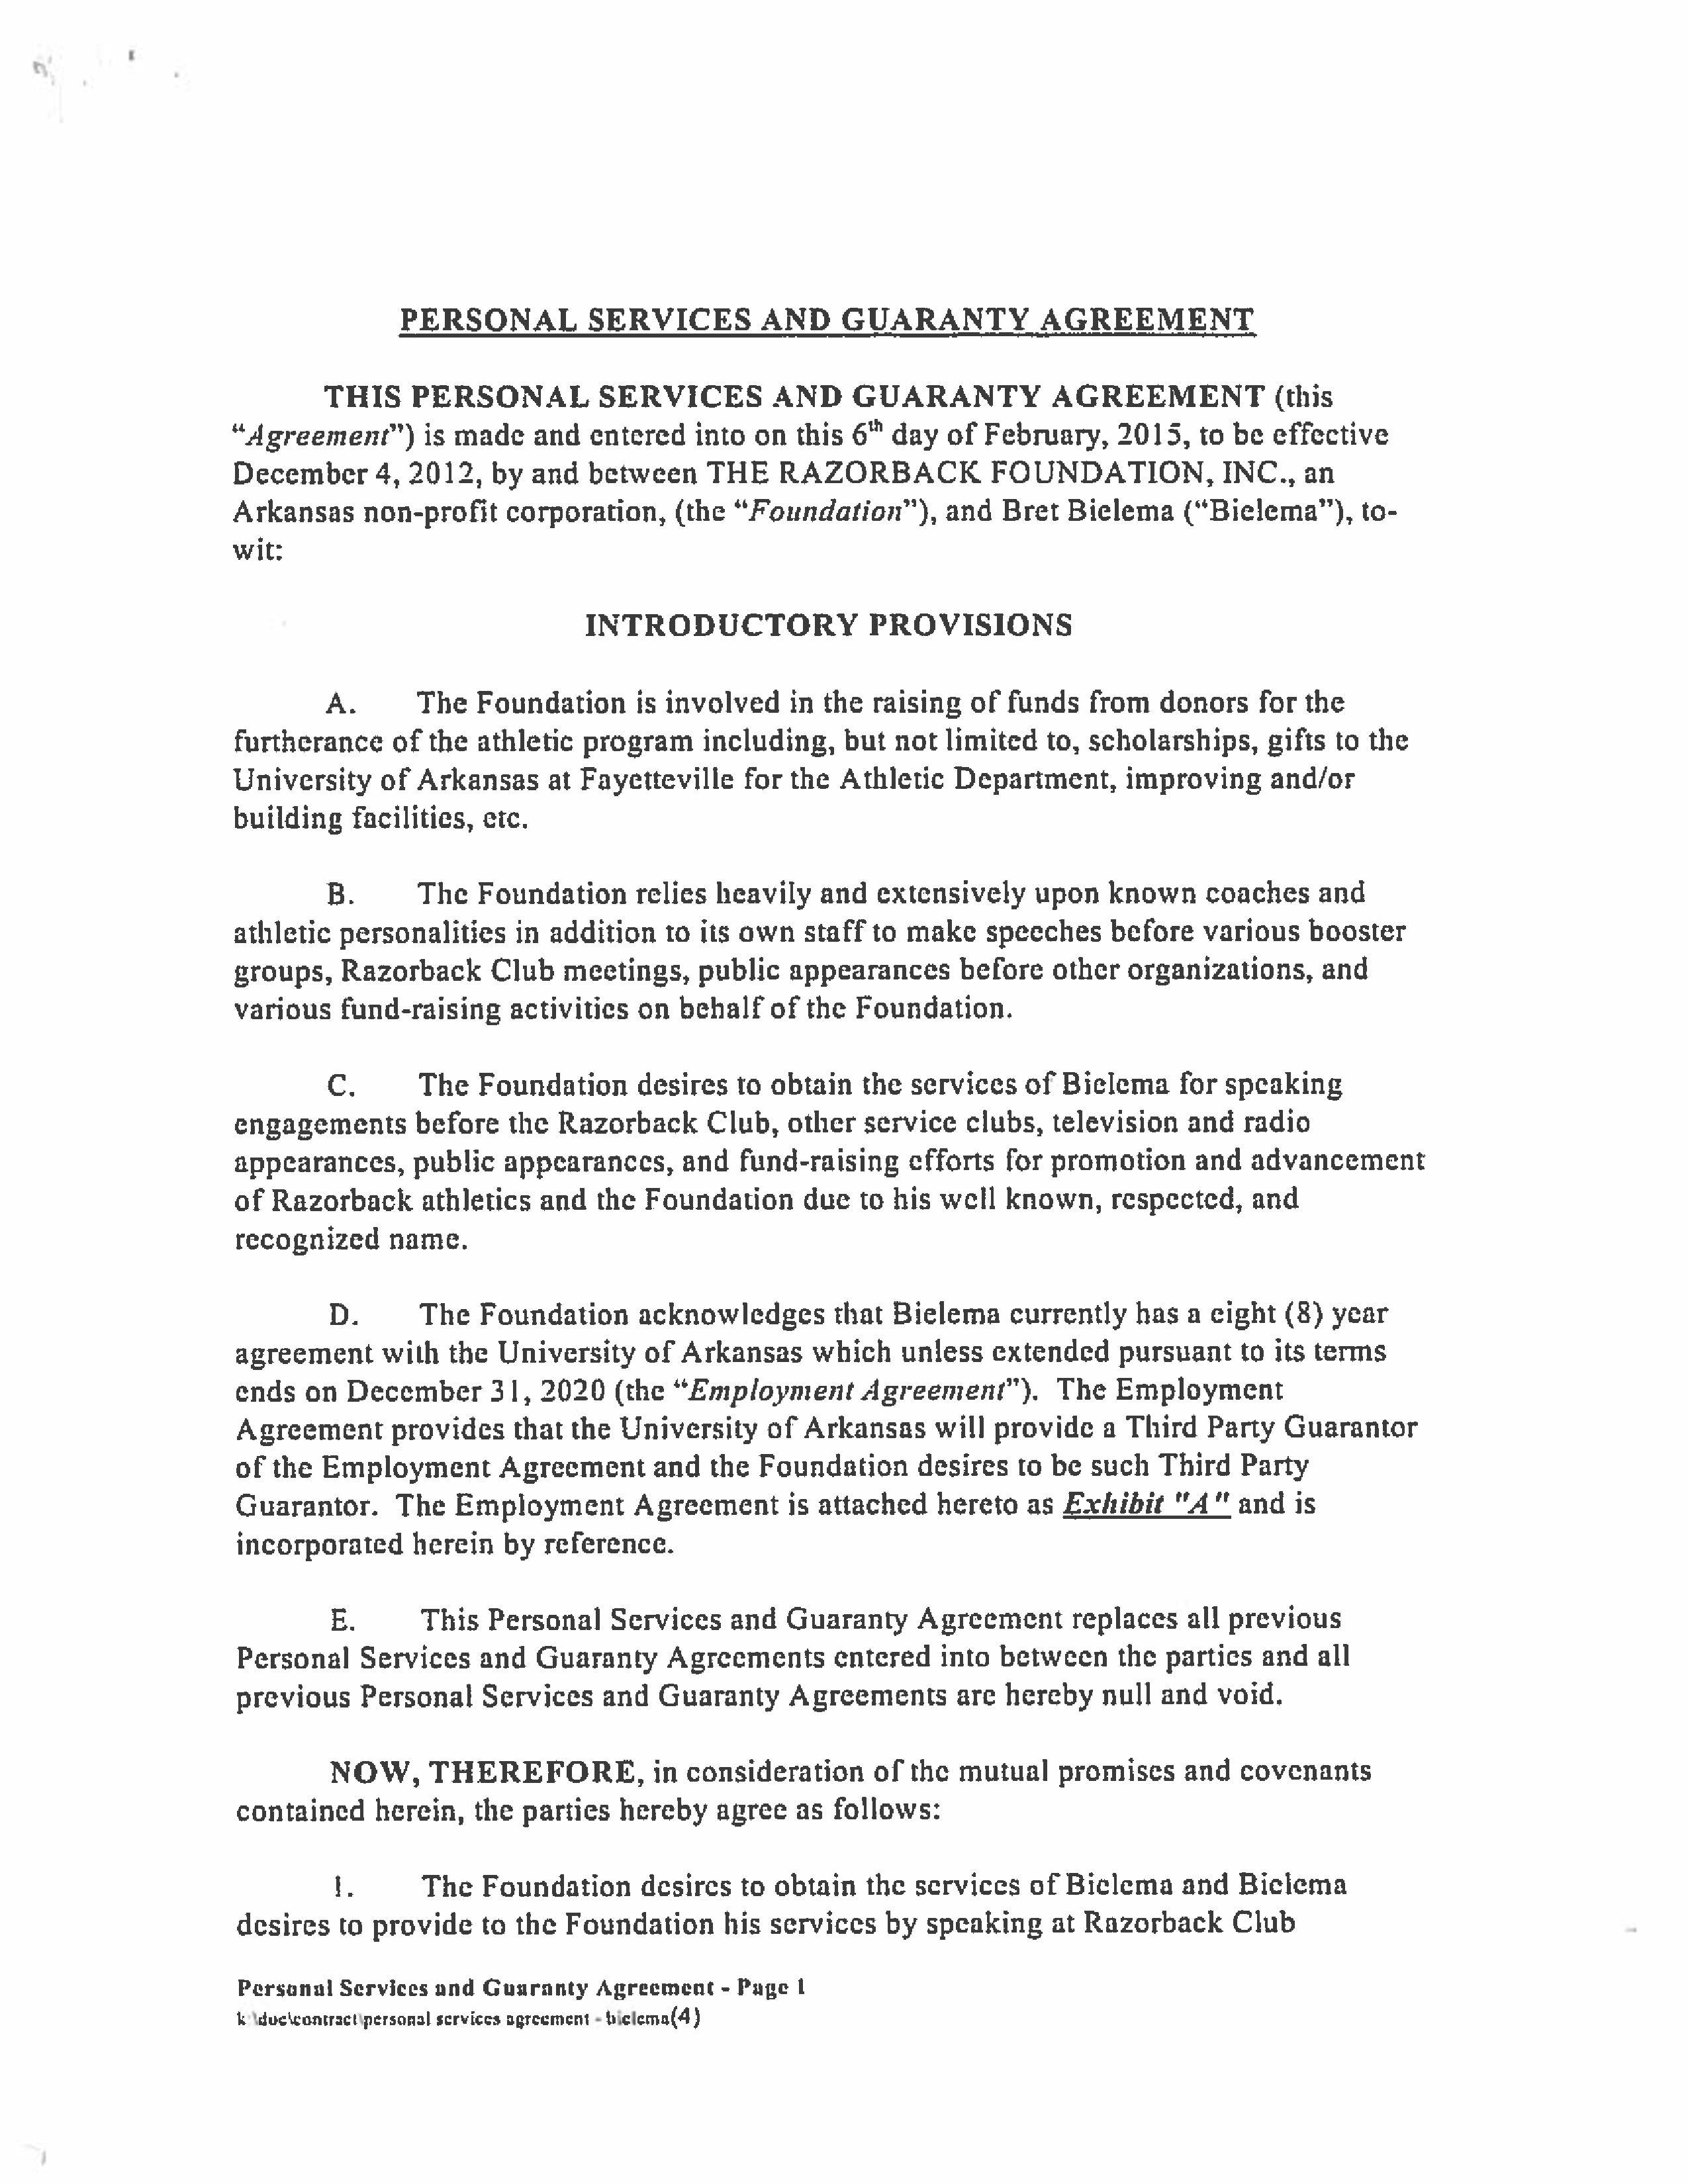 Razorback Foundation Agreement With Bielema